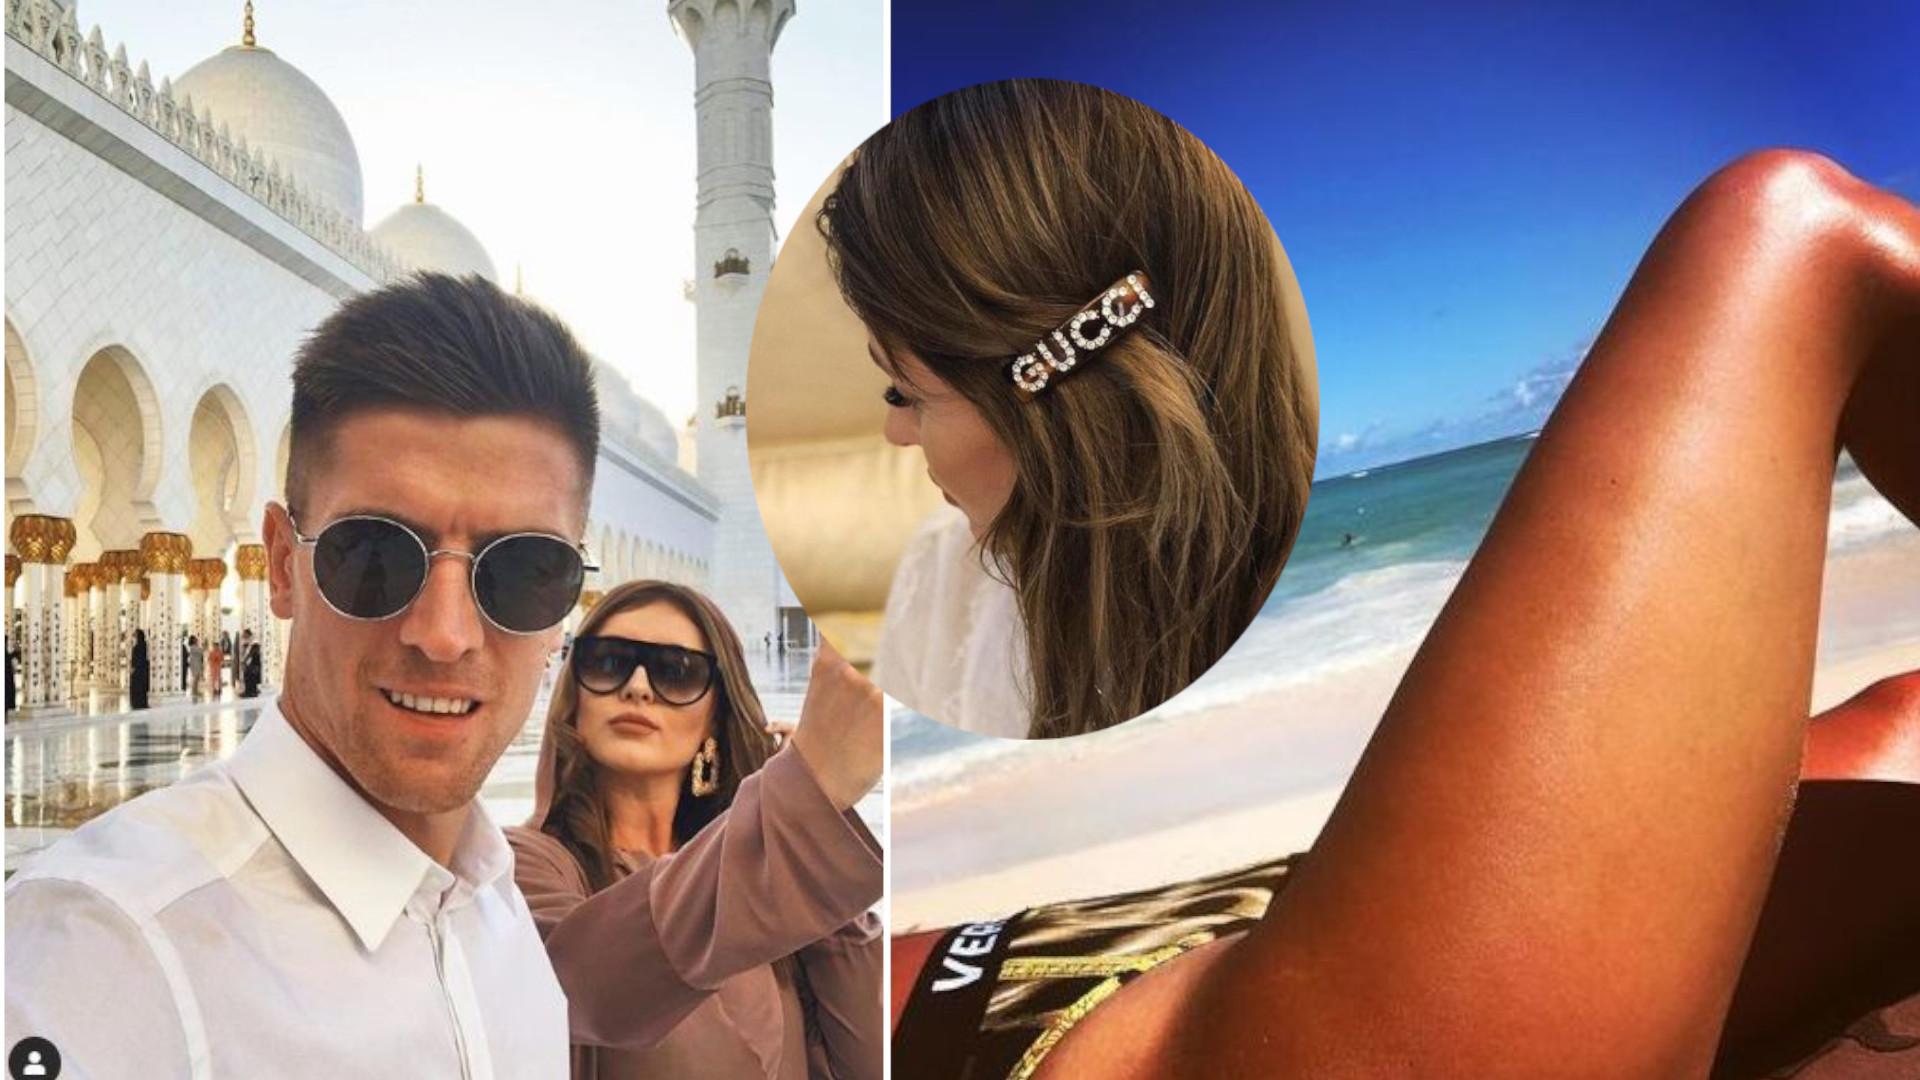 Paulina Piątek na Instagramie – czego możemy się dowiedzieć o żonie Krzysztofa Piątka z jej profilu IG